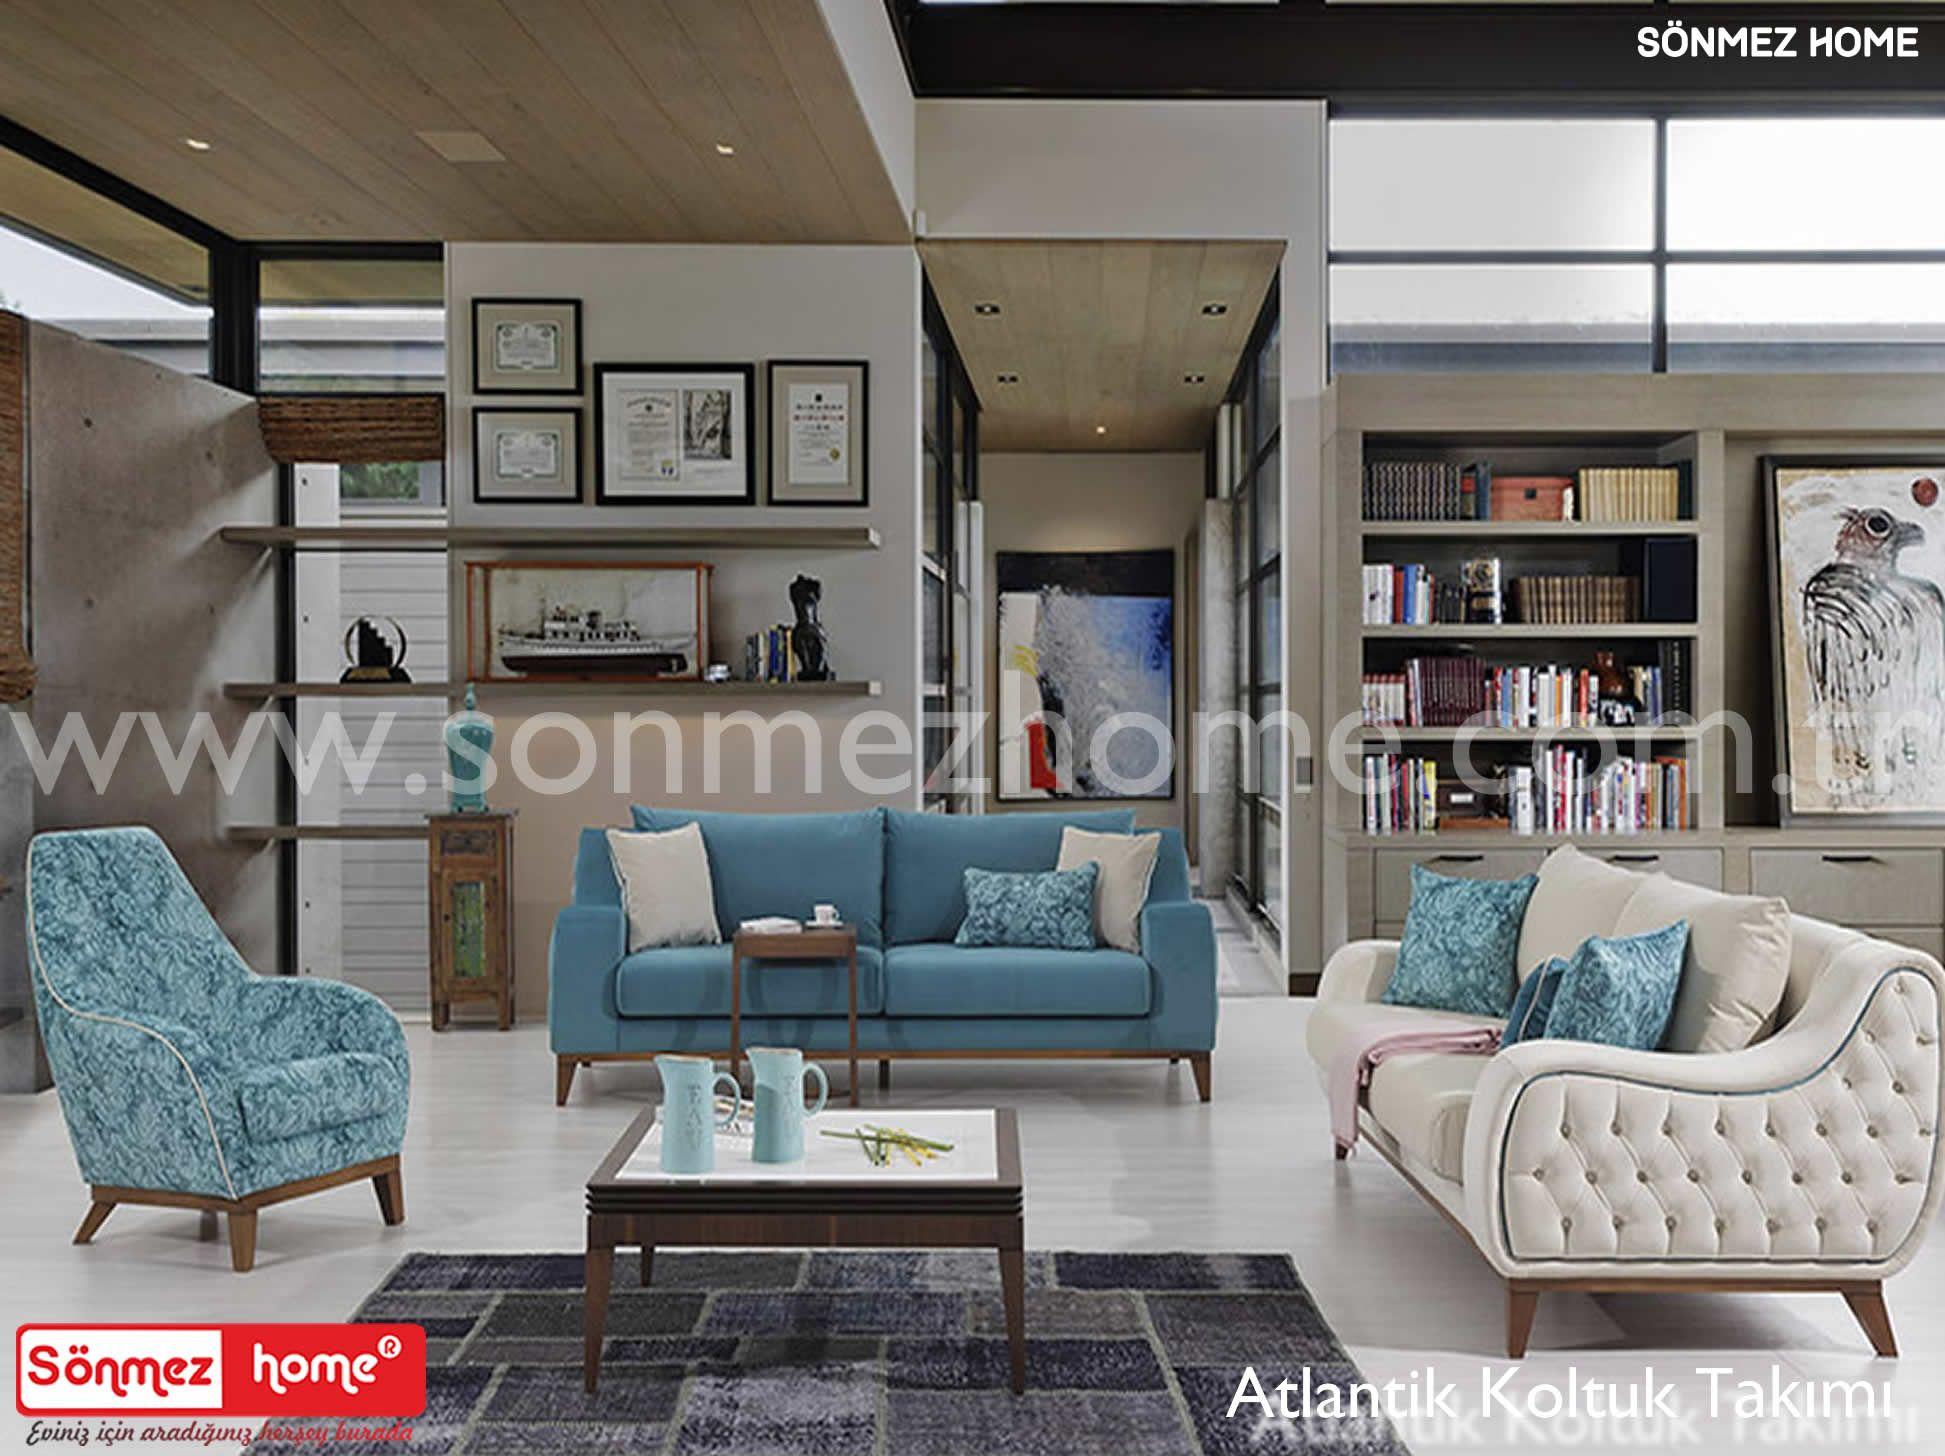 Atlantik Modern Koltuk Takiminin Sikligi Evinize Cok Yakisacak Modern Furniture Mobilya Atlantik Koltuk Takimi Sonmez Home Mobilya Modern Mobilya Ve Oturma Odasi Fikirleri